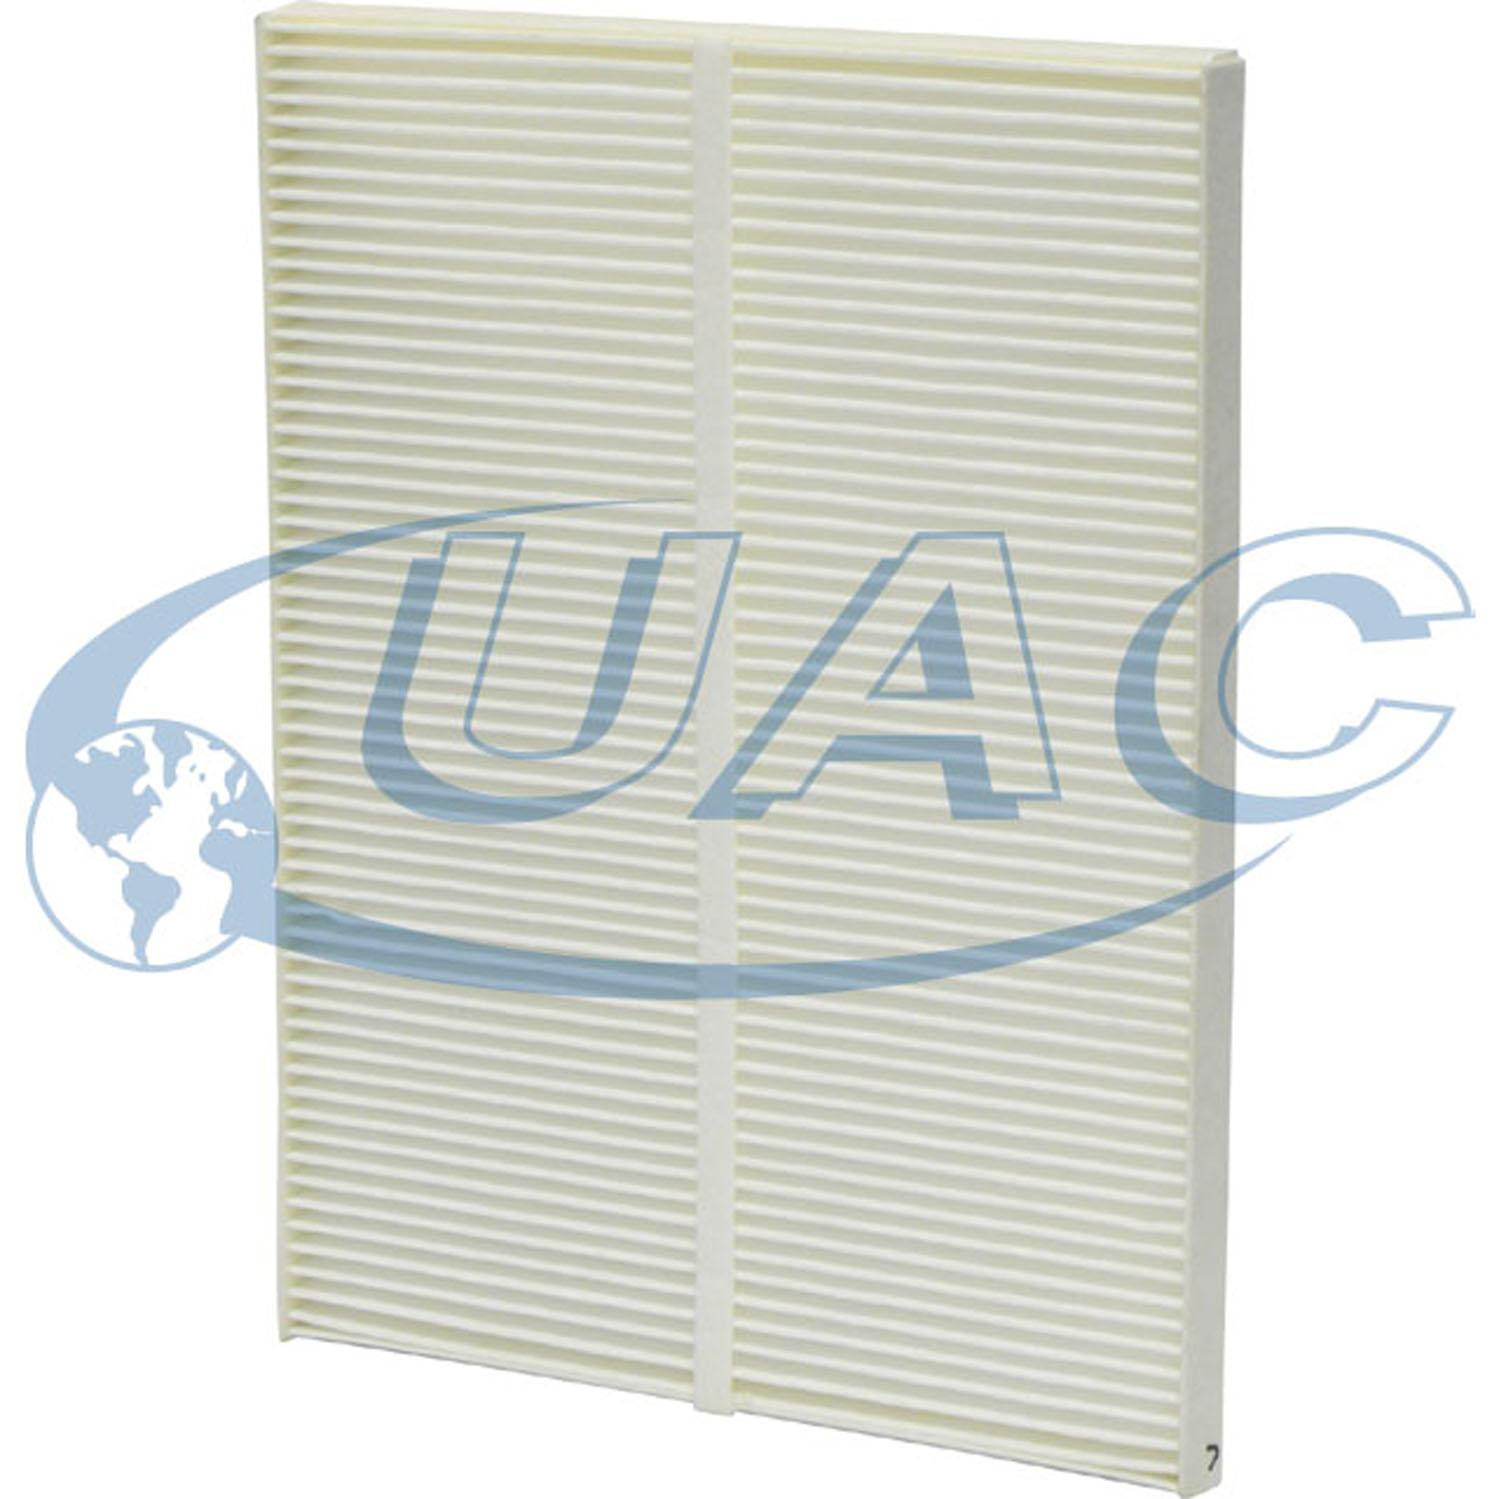 Particulate Cabin Air Filter FI 1092C